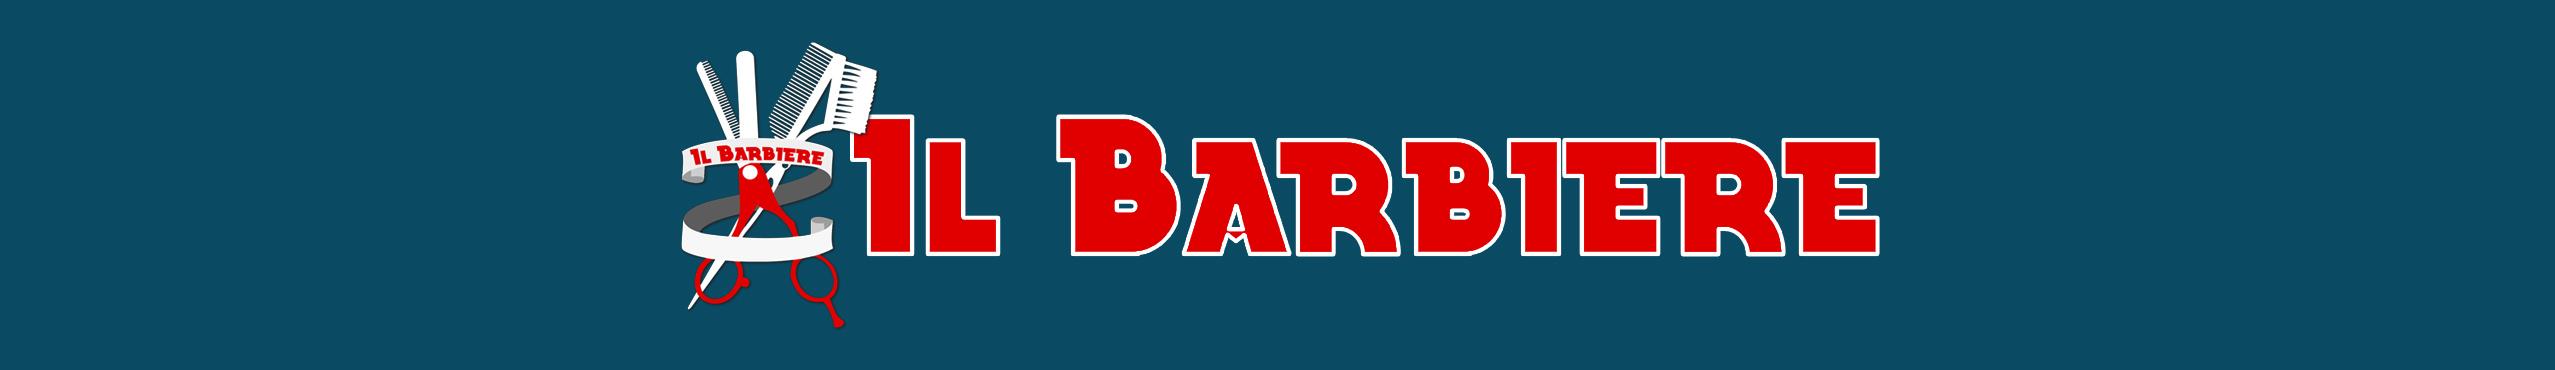 Banner il barbiere calcio